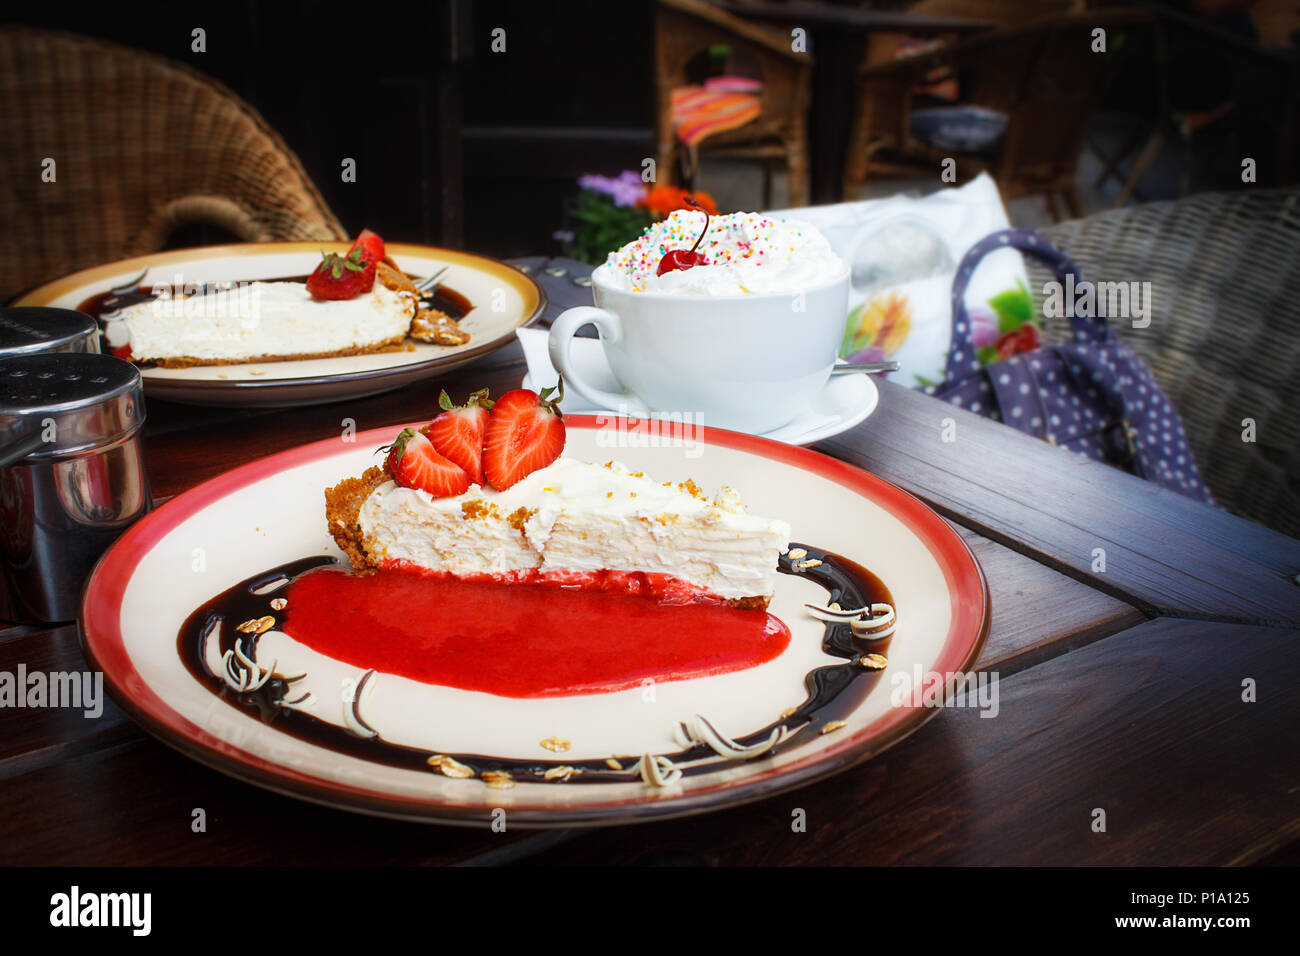 Käsekuchen mit frischen Erdbeeren auf Platte und einer Tasse Wiener Kaffee mit Schlagsahne auf braunem Holz- Tabelle in einen Außenpool im Sommer Cafe. Entspannen gemütliche Altstadtatmosphäre. offee brechen, Dessert. Stockfoto